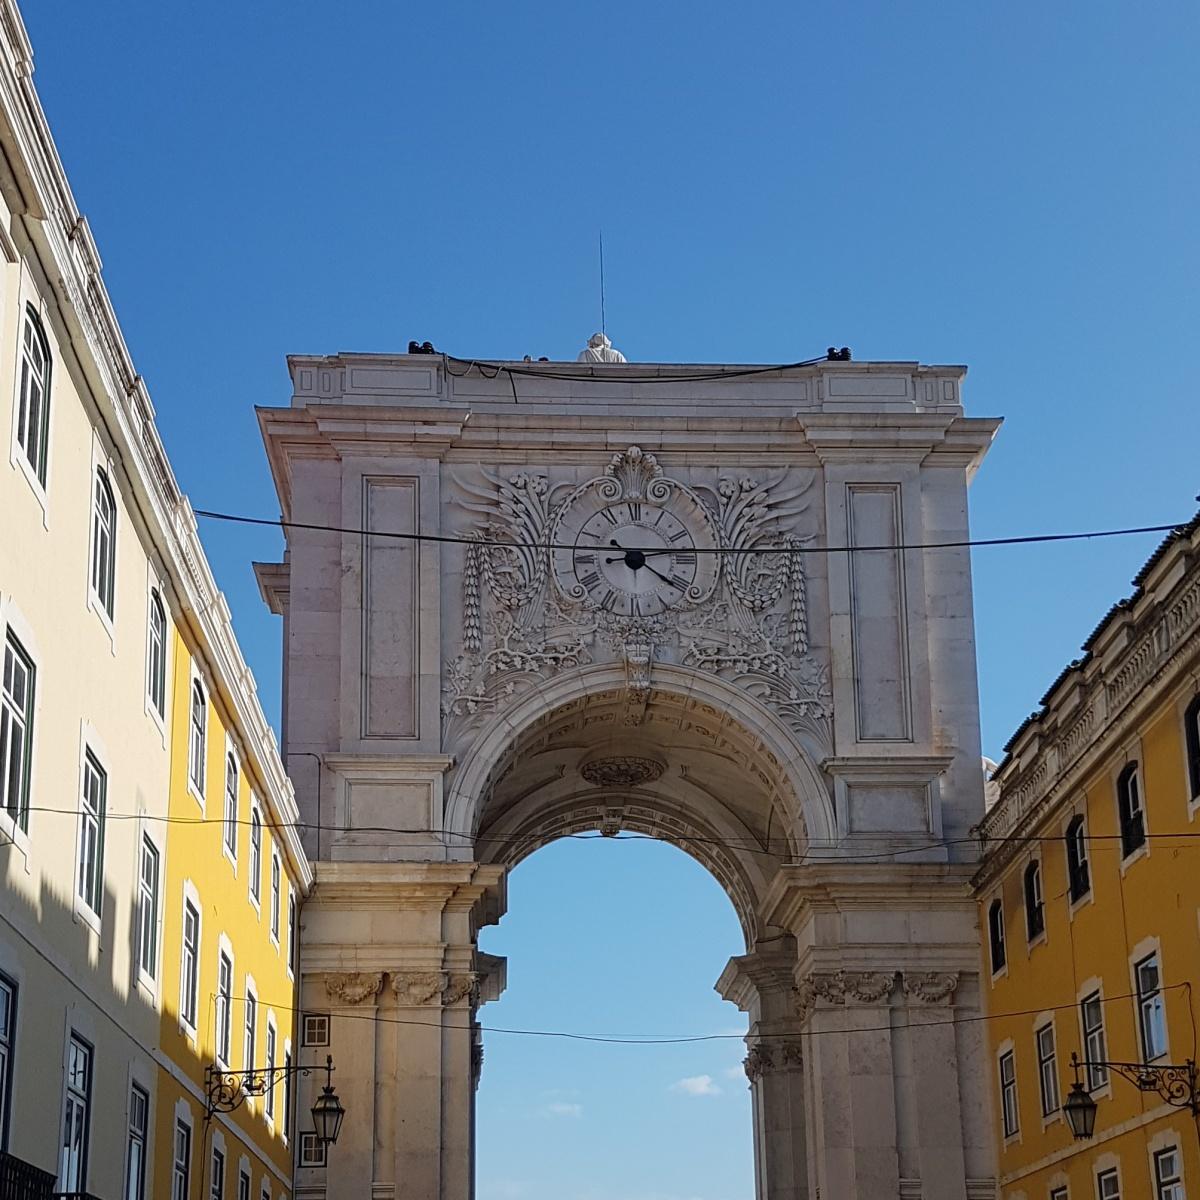 Zegar wierzowy w Lisbonie